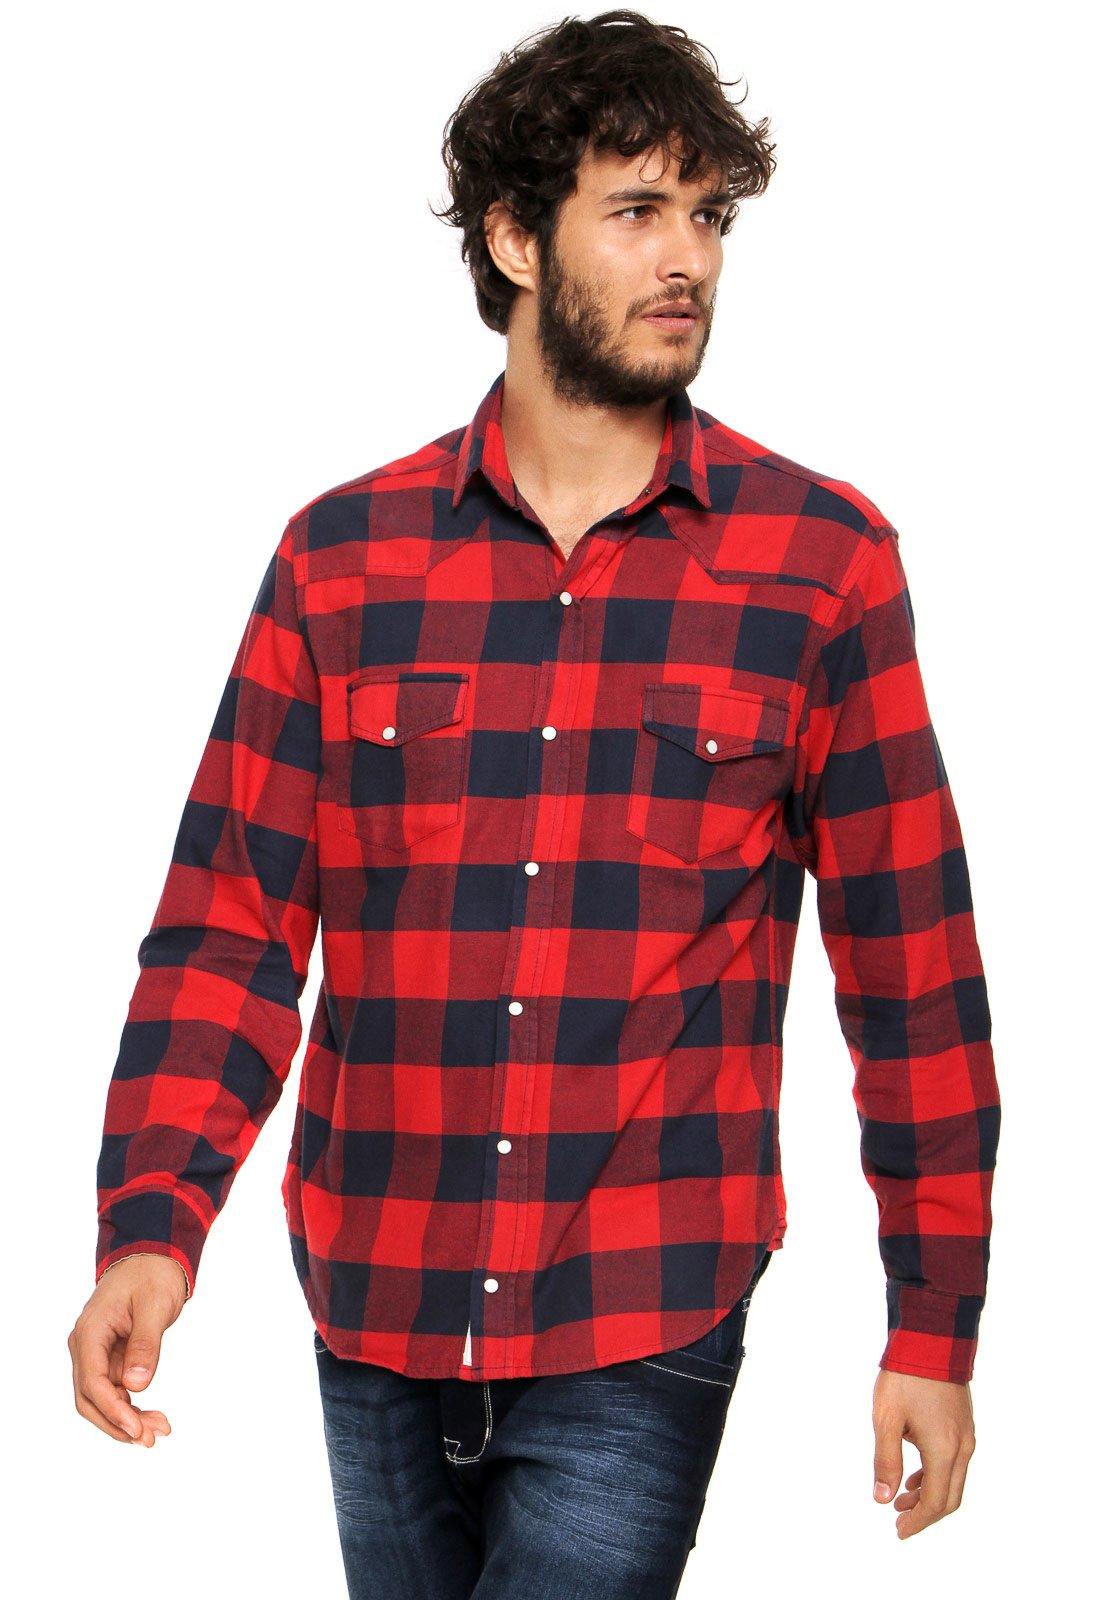 de4249c258 Camisa Pineapple Xadrez Vermelha - Compre Agora